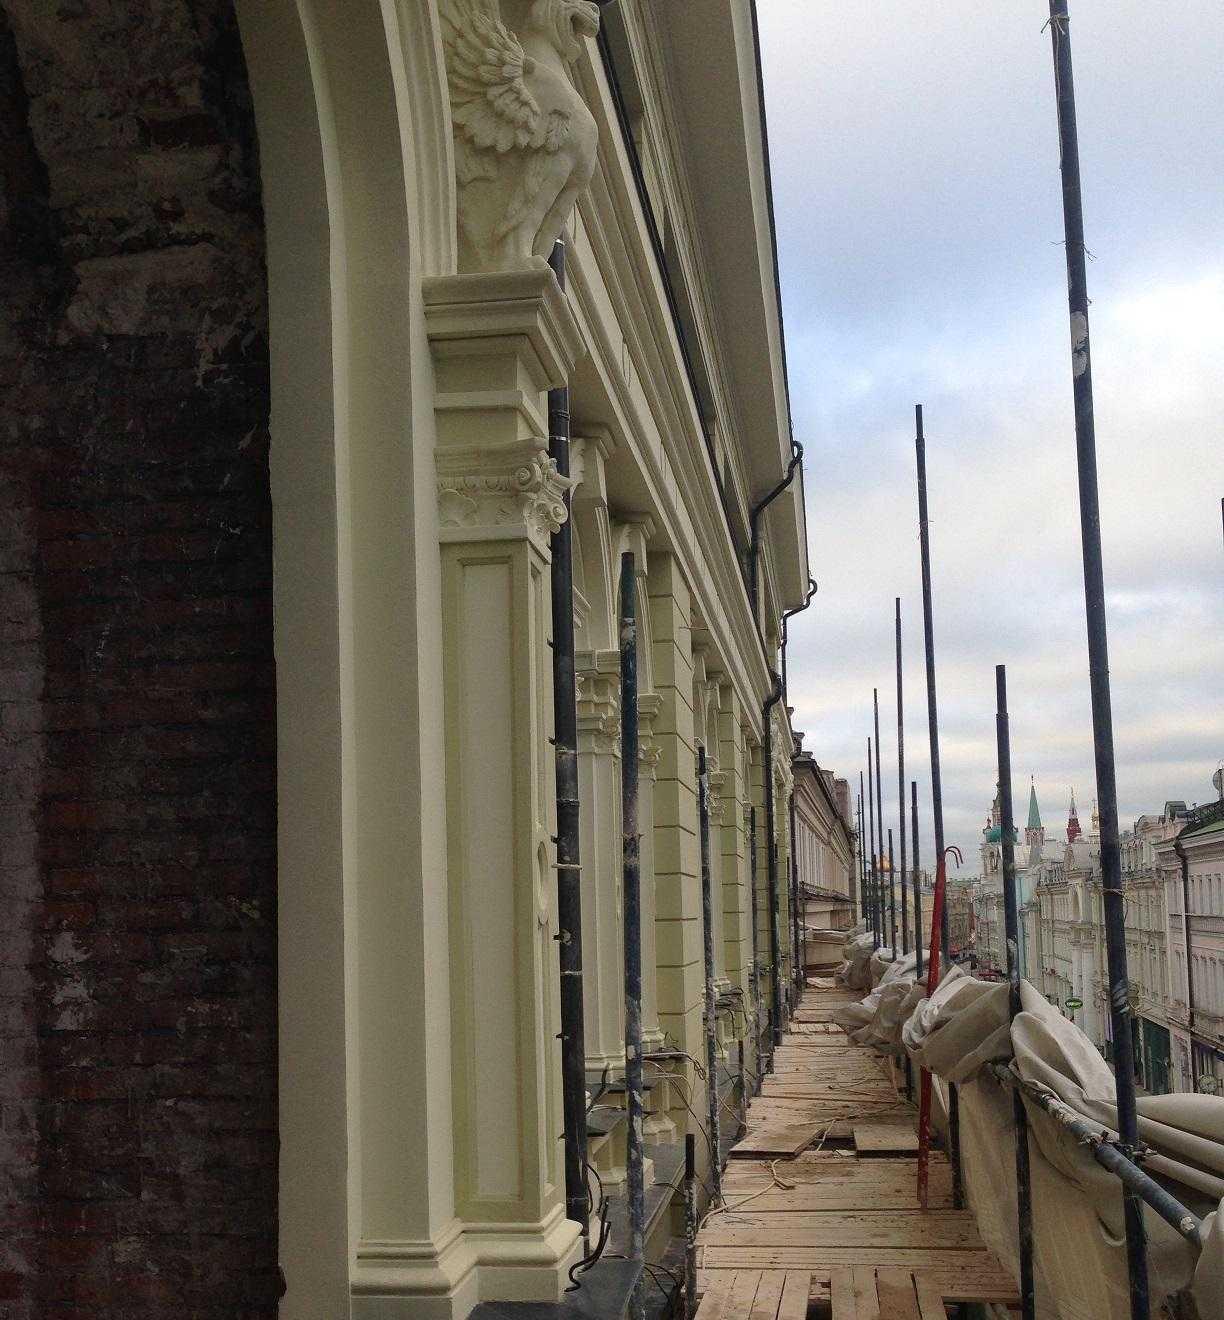 монтаж декора из стеклофибробетона центральный фасад